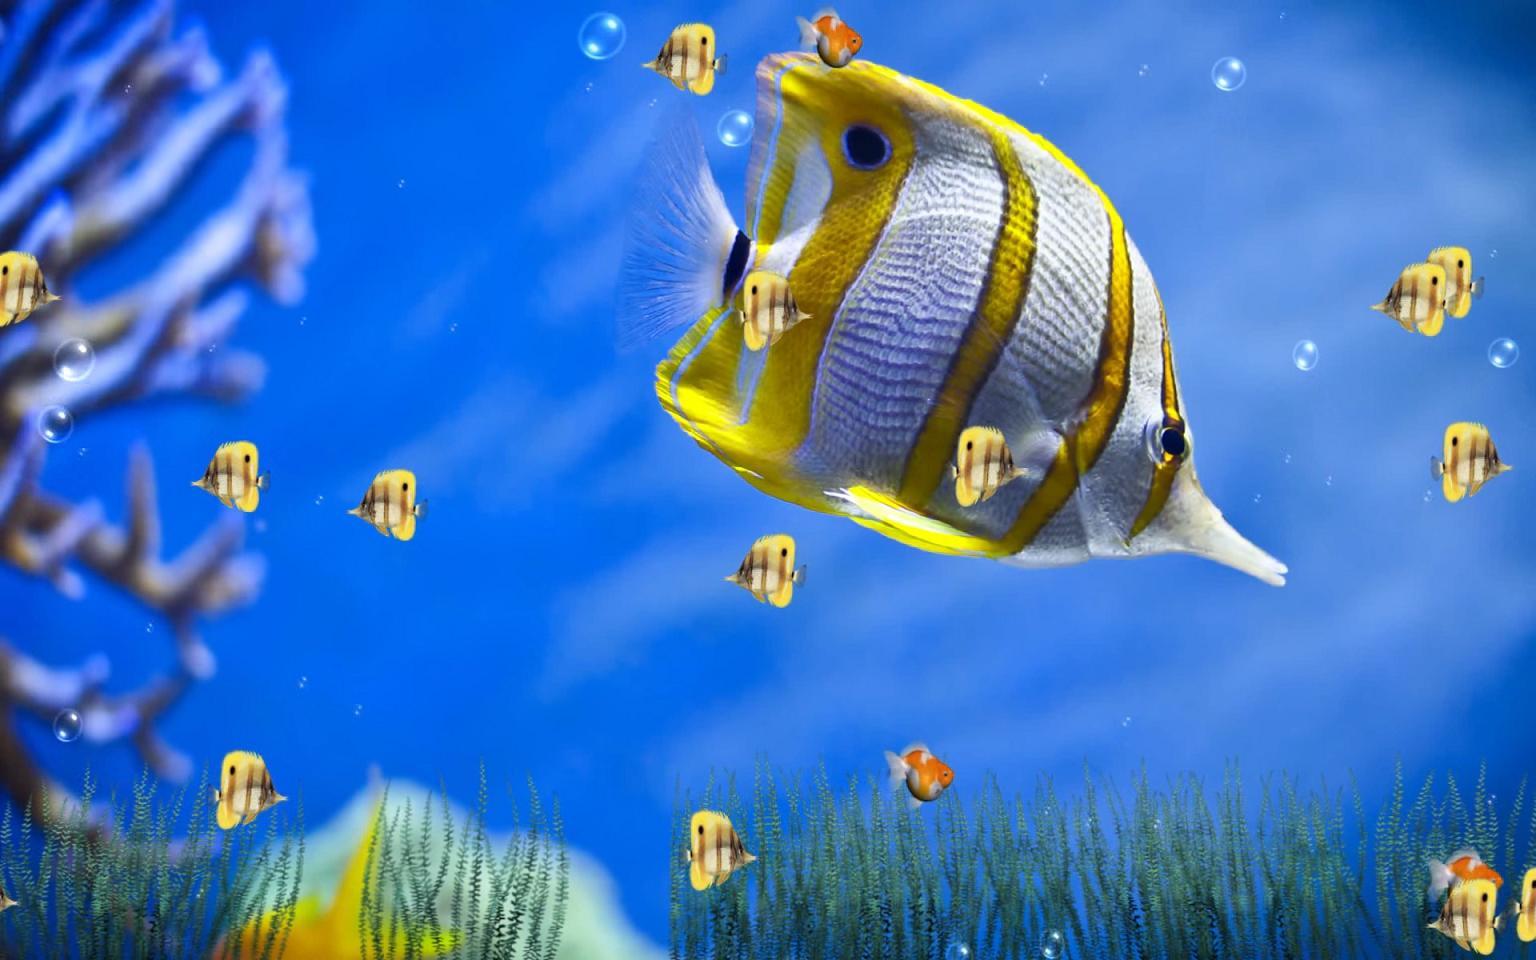 الدرس حول سطح مكتب جهازك إلى حوض ماء تسبح به الأسماك أو أشكال